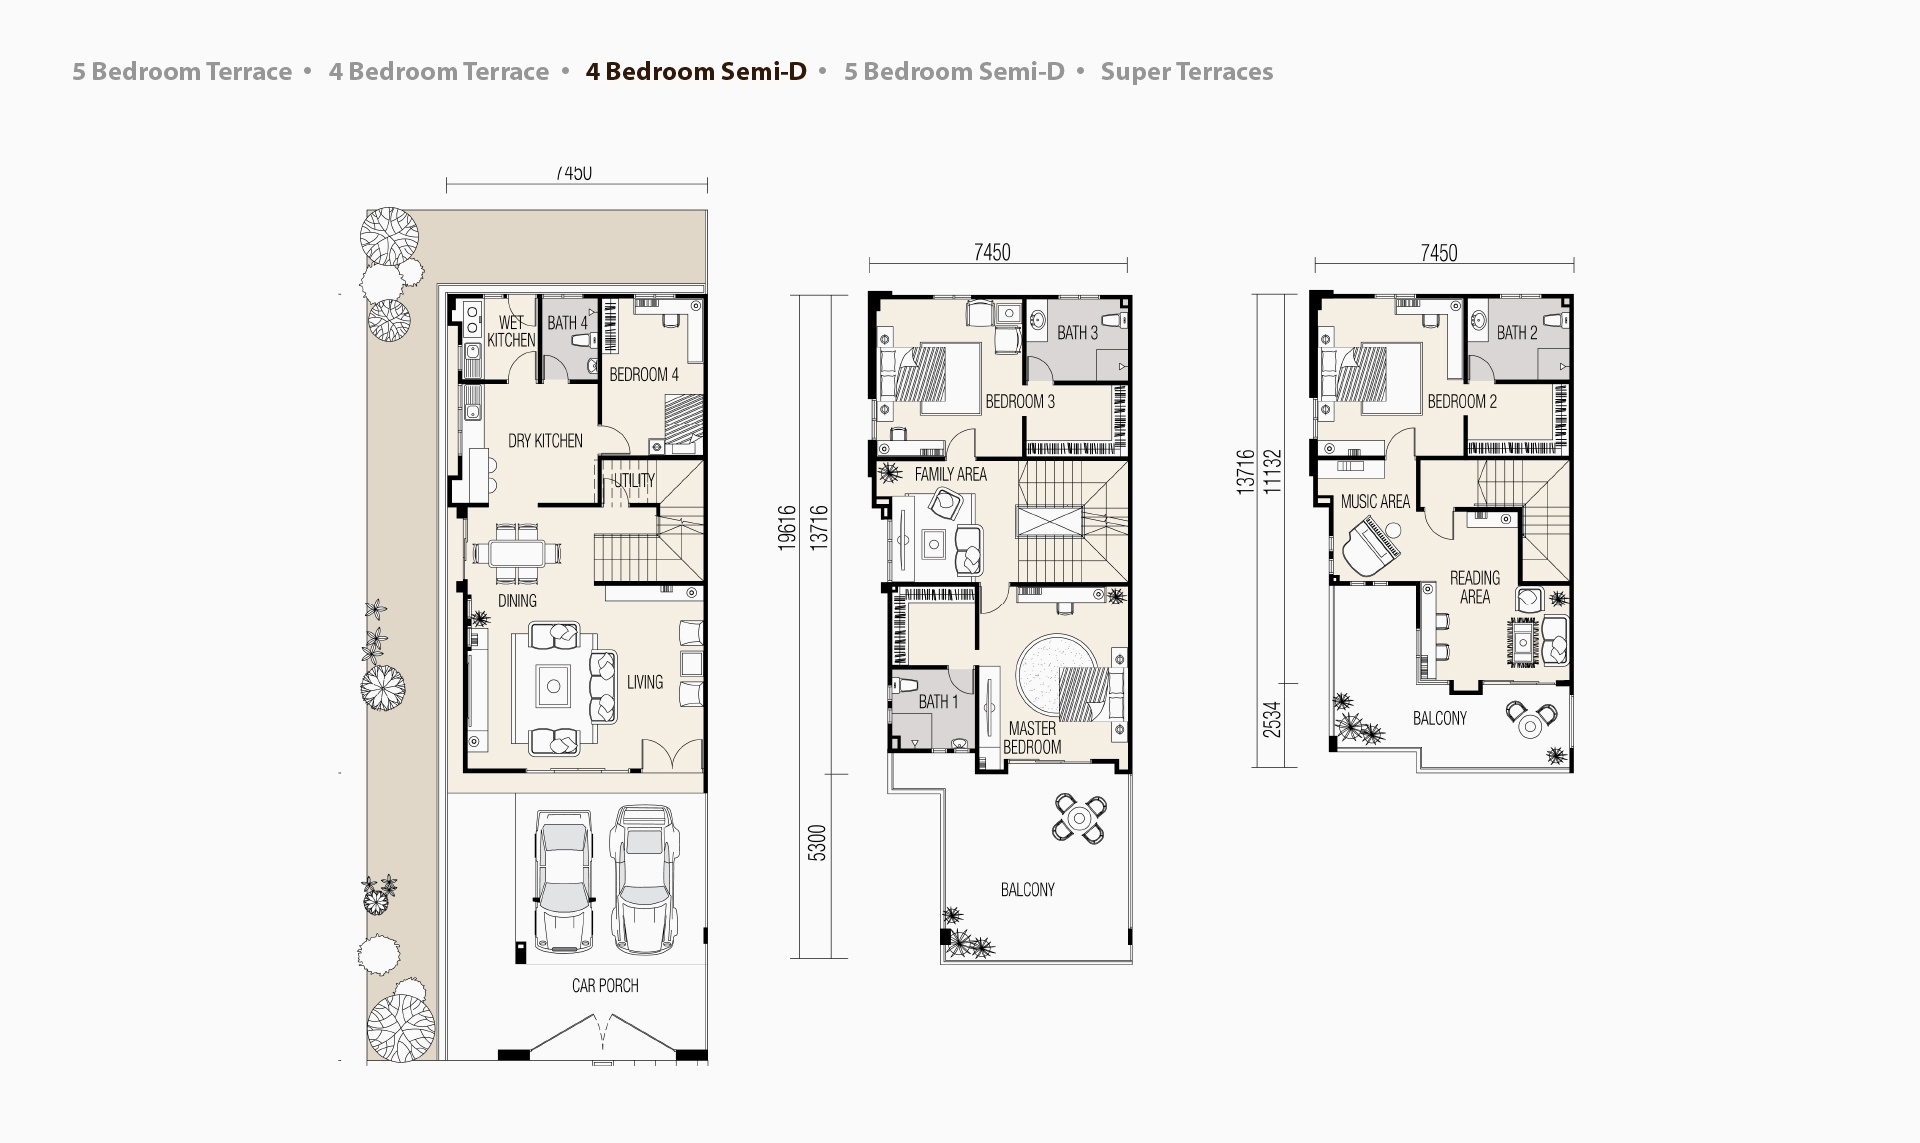 bm_permai_plan_4_bedroom_semid